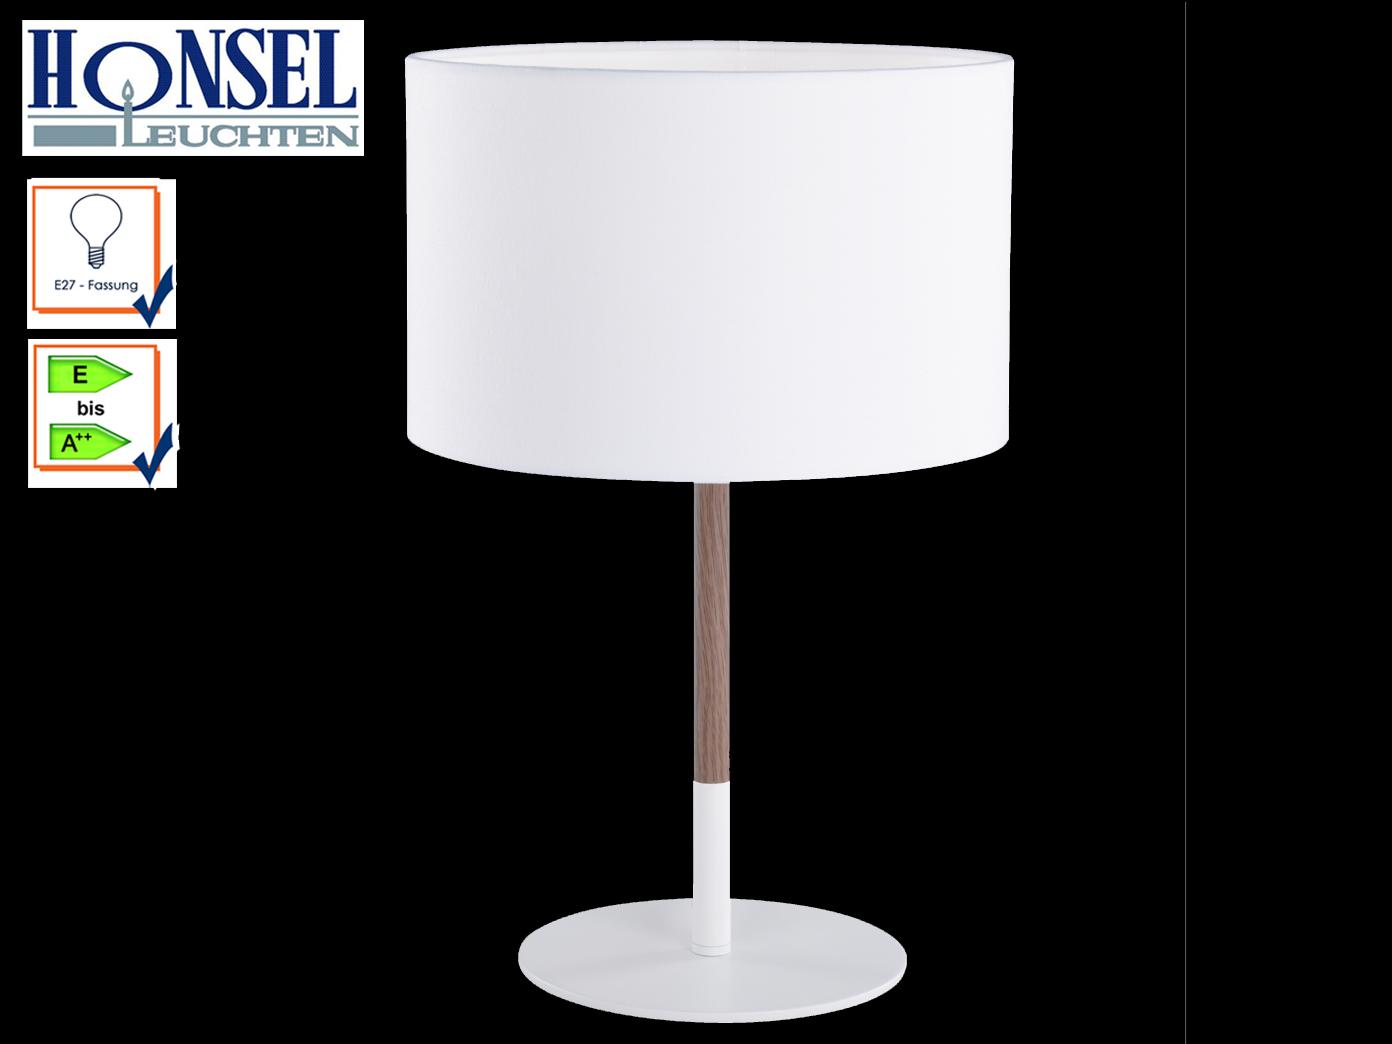 Malerisch Moderne Tischlampen Foto Von Das Bild Wird Geladen Edle-design-tischleuchte-mit-stoffschirm-weiss-holzfarbig-moderne-